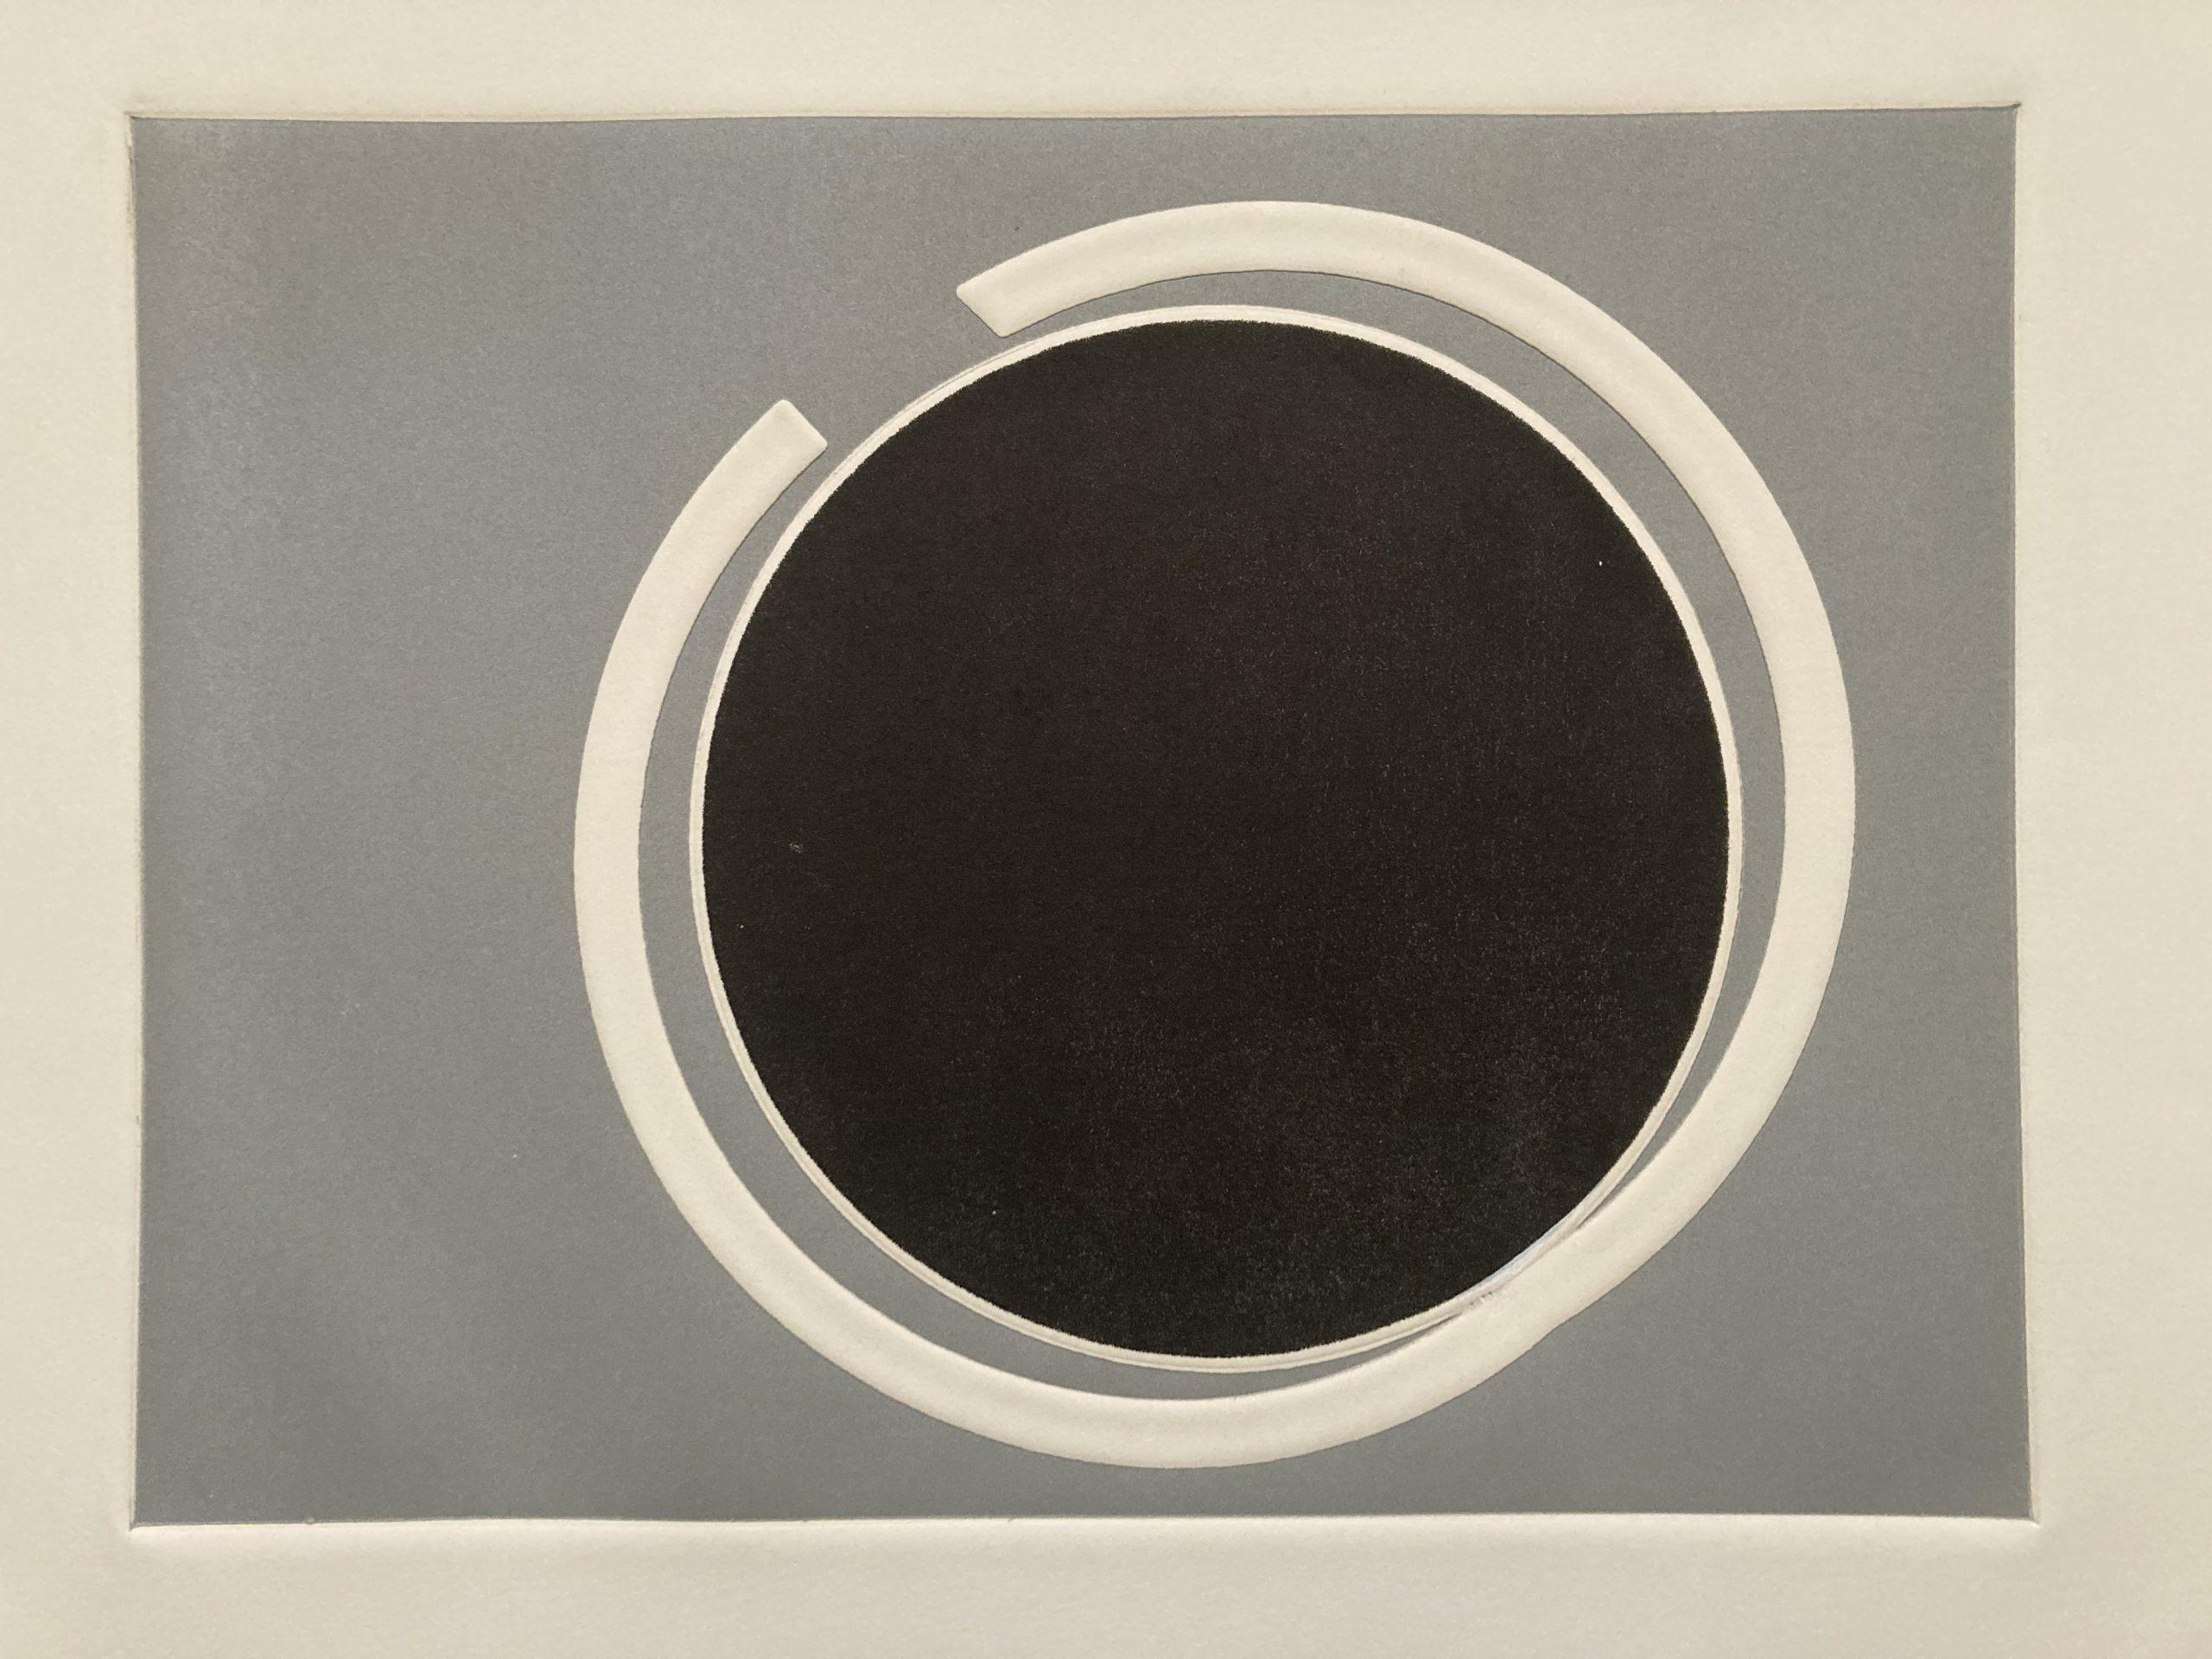 Laura Márquez, Presión/Represión, 1960, aguatinta y gofrado sobre papel, 47 cm x 35,5 cm. Colección privada. Cortesía